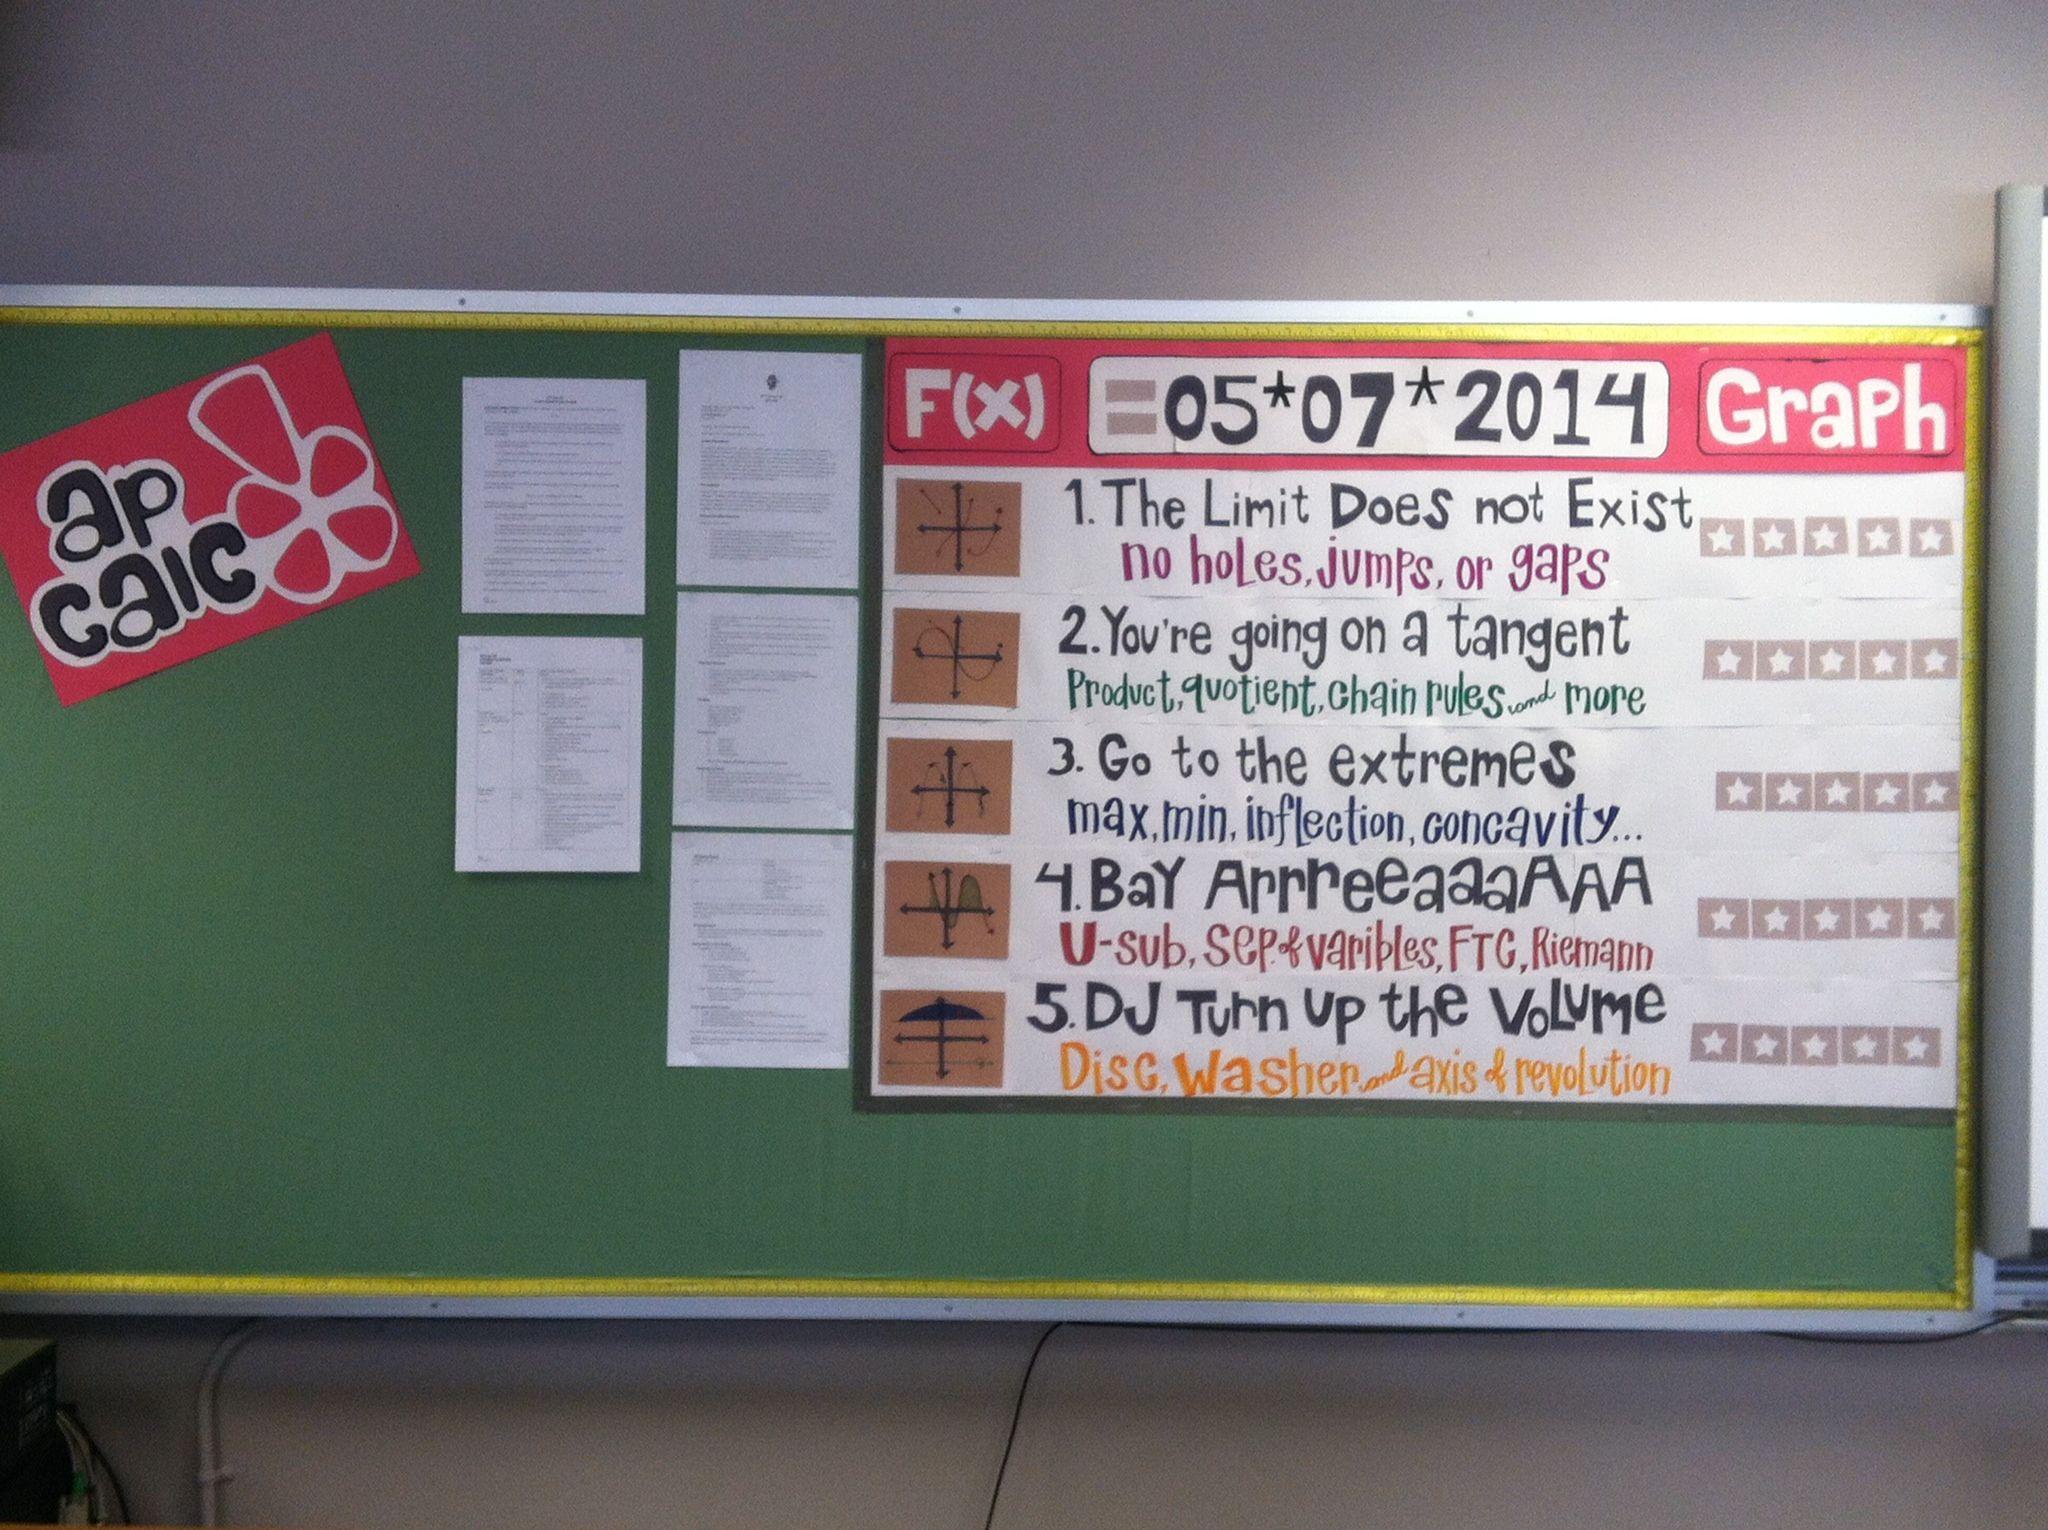 Ap Calc Board